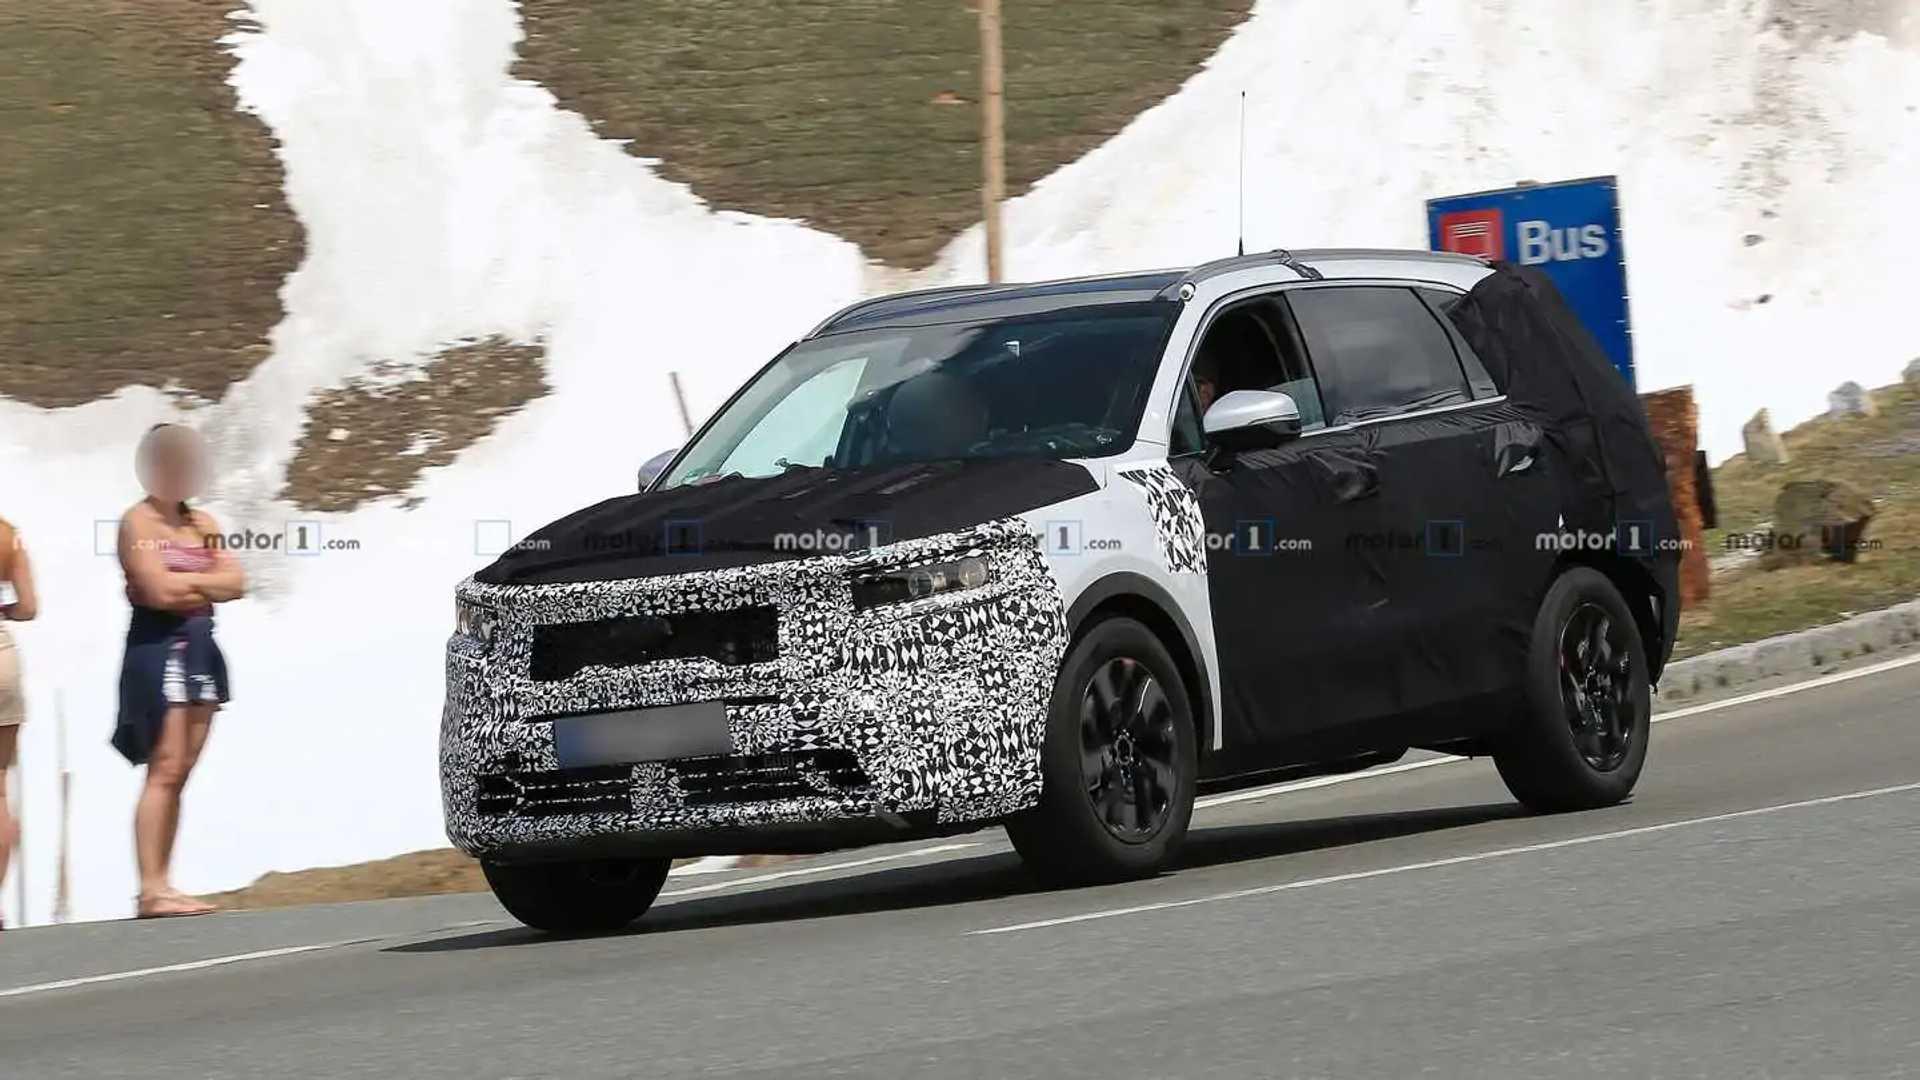 2020 Kia Sorento Rumors, Redesign, Hybrid >> Next Gen Kia Sorento Spied Expected To Debut For 2021 Model Year